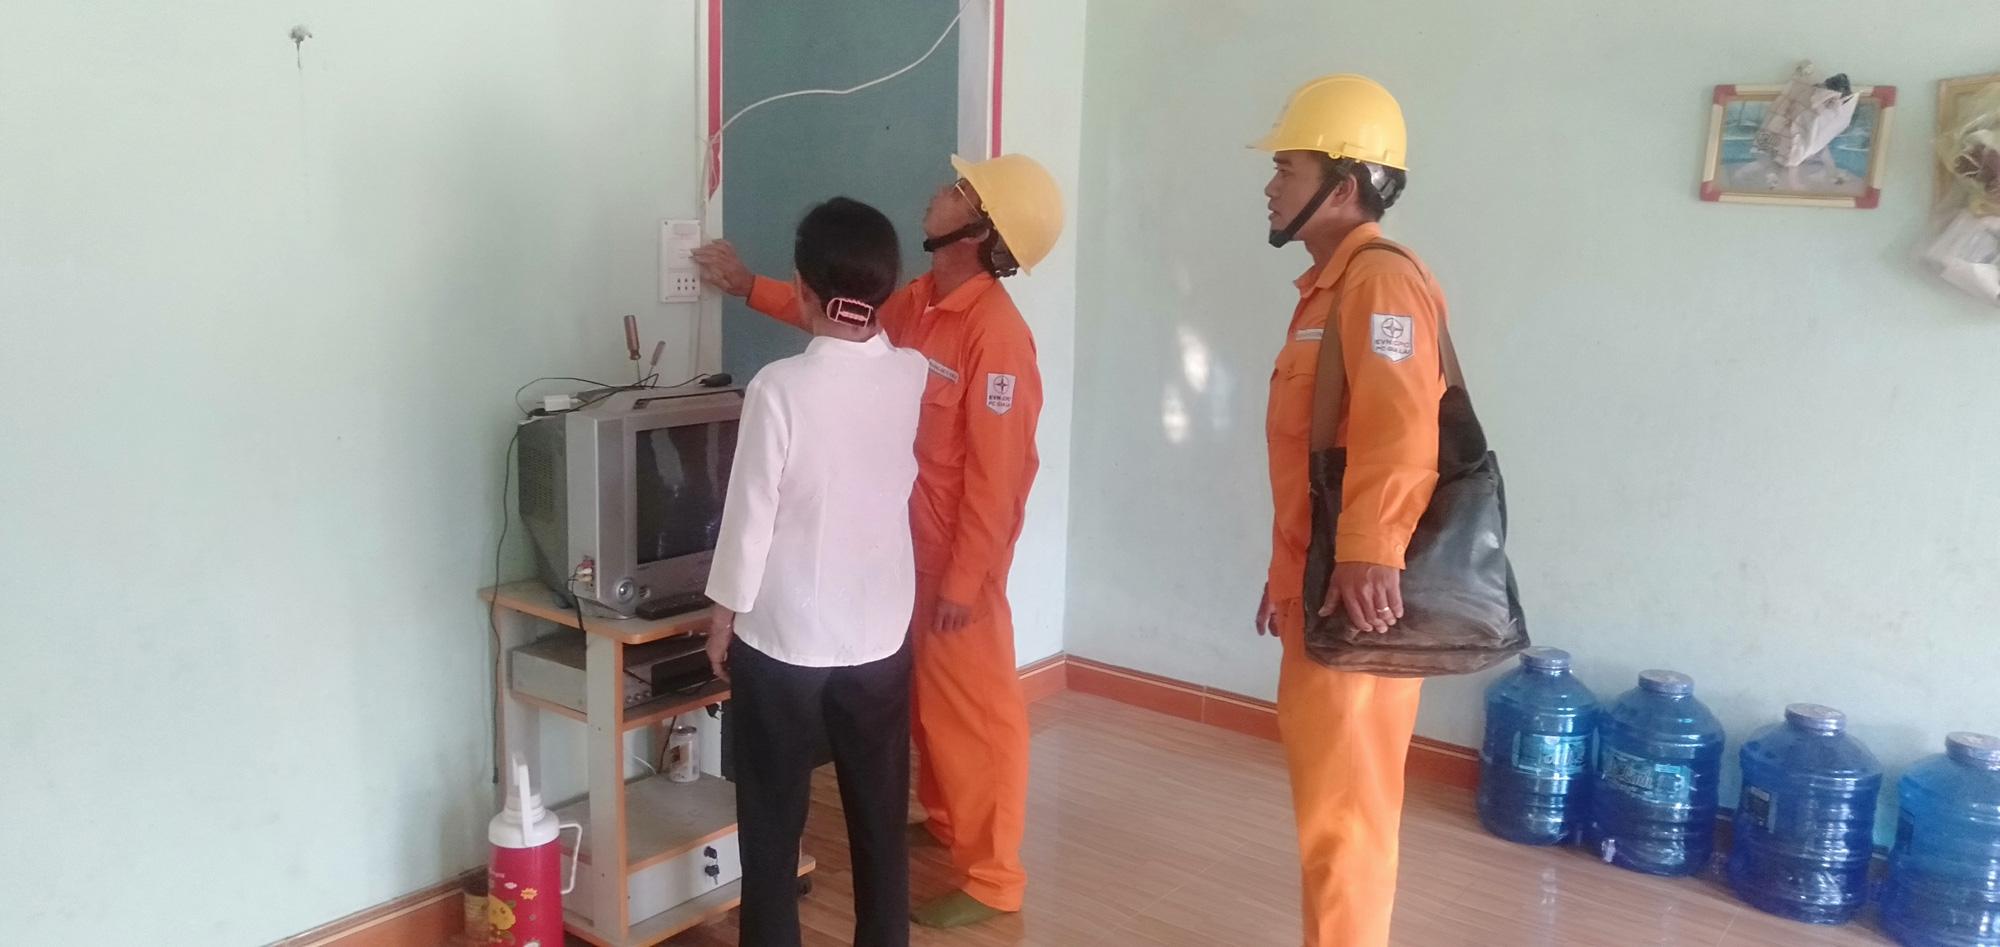 Điện lực Kbang - PC Gia Lai: Dân vận khéo gắn với xây dựng nông thôn mới - Ảnh 2.